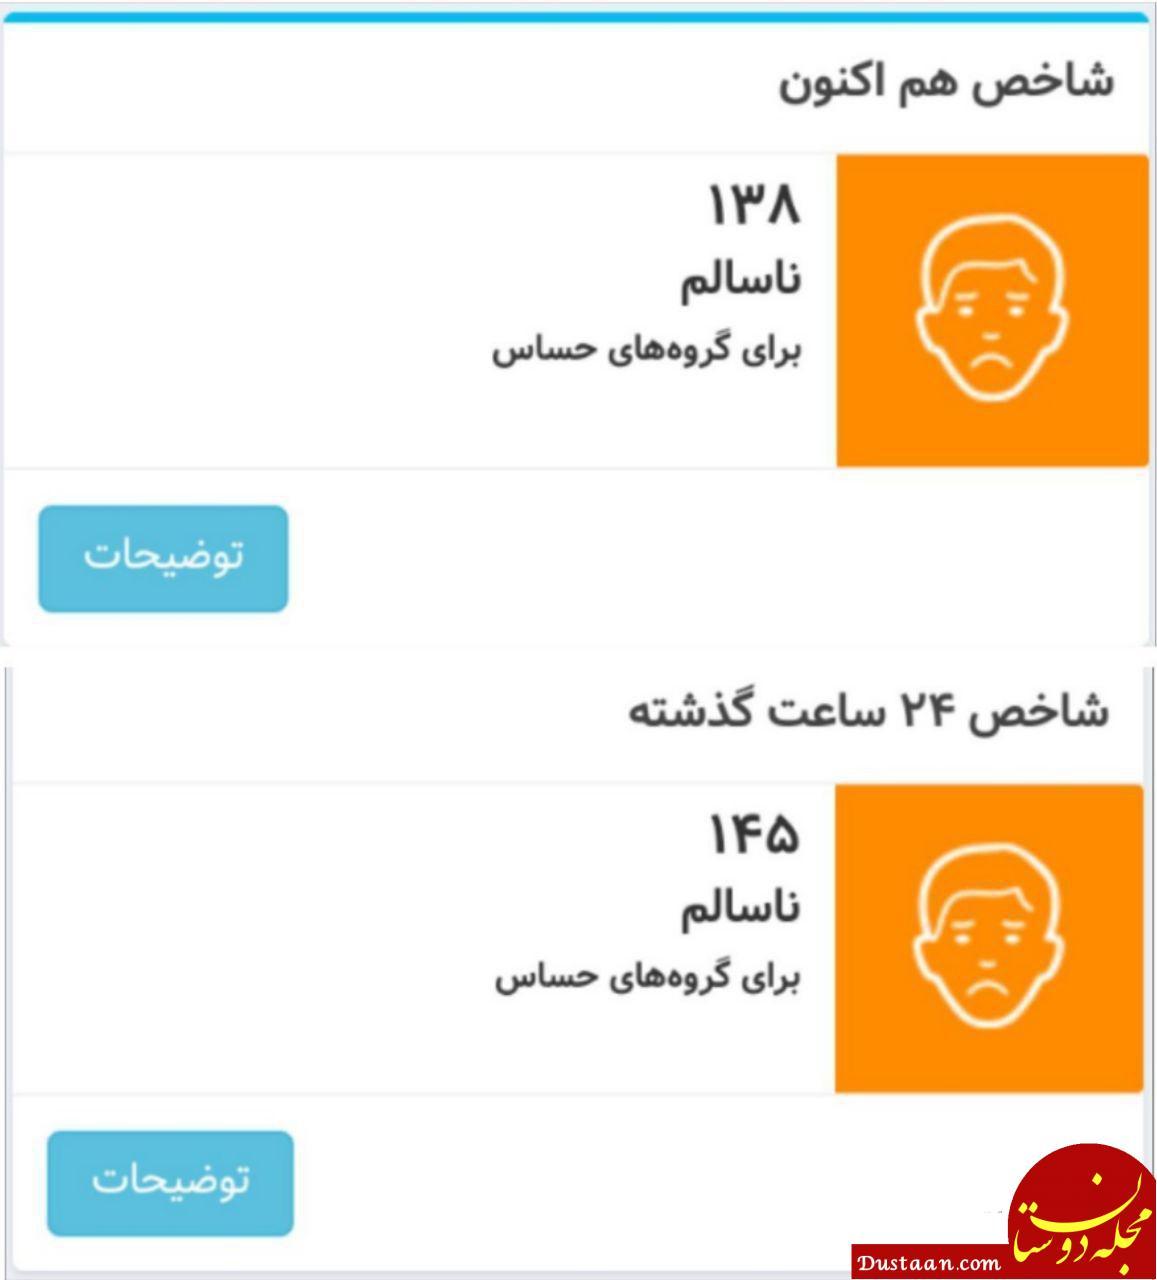 جمعه 13 بهمن / نقشه دمای مراکز استان ها